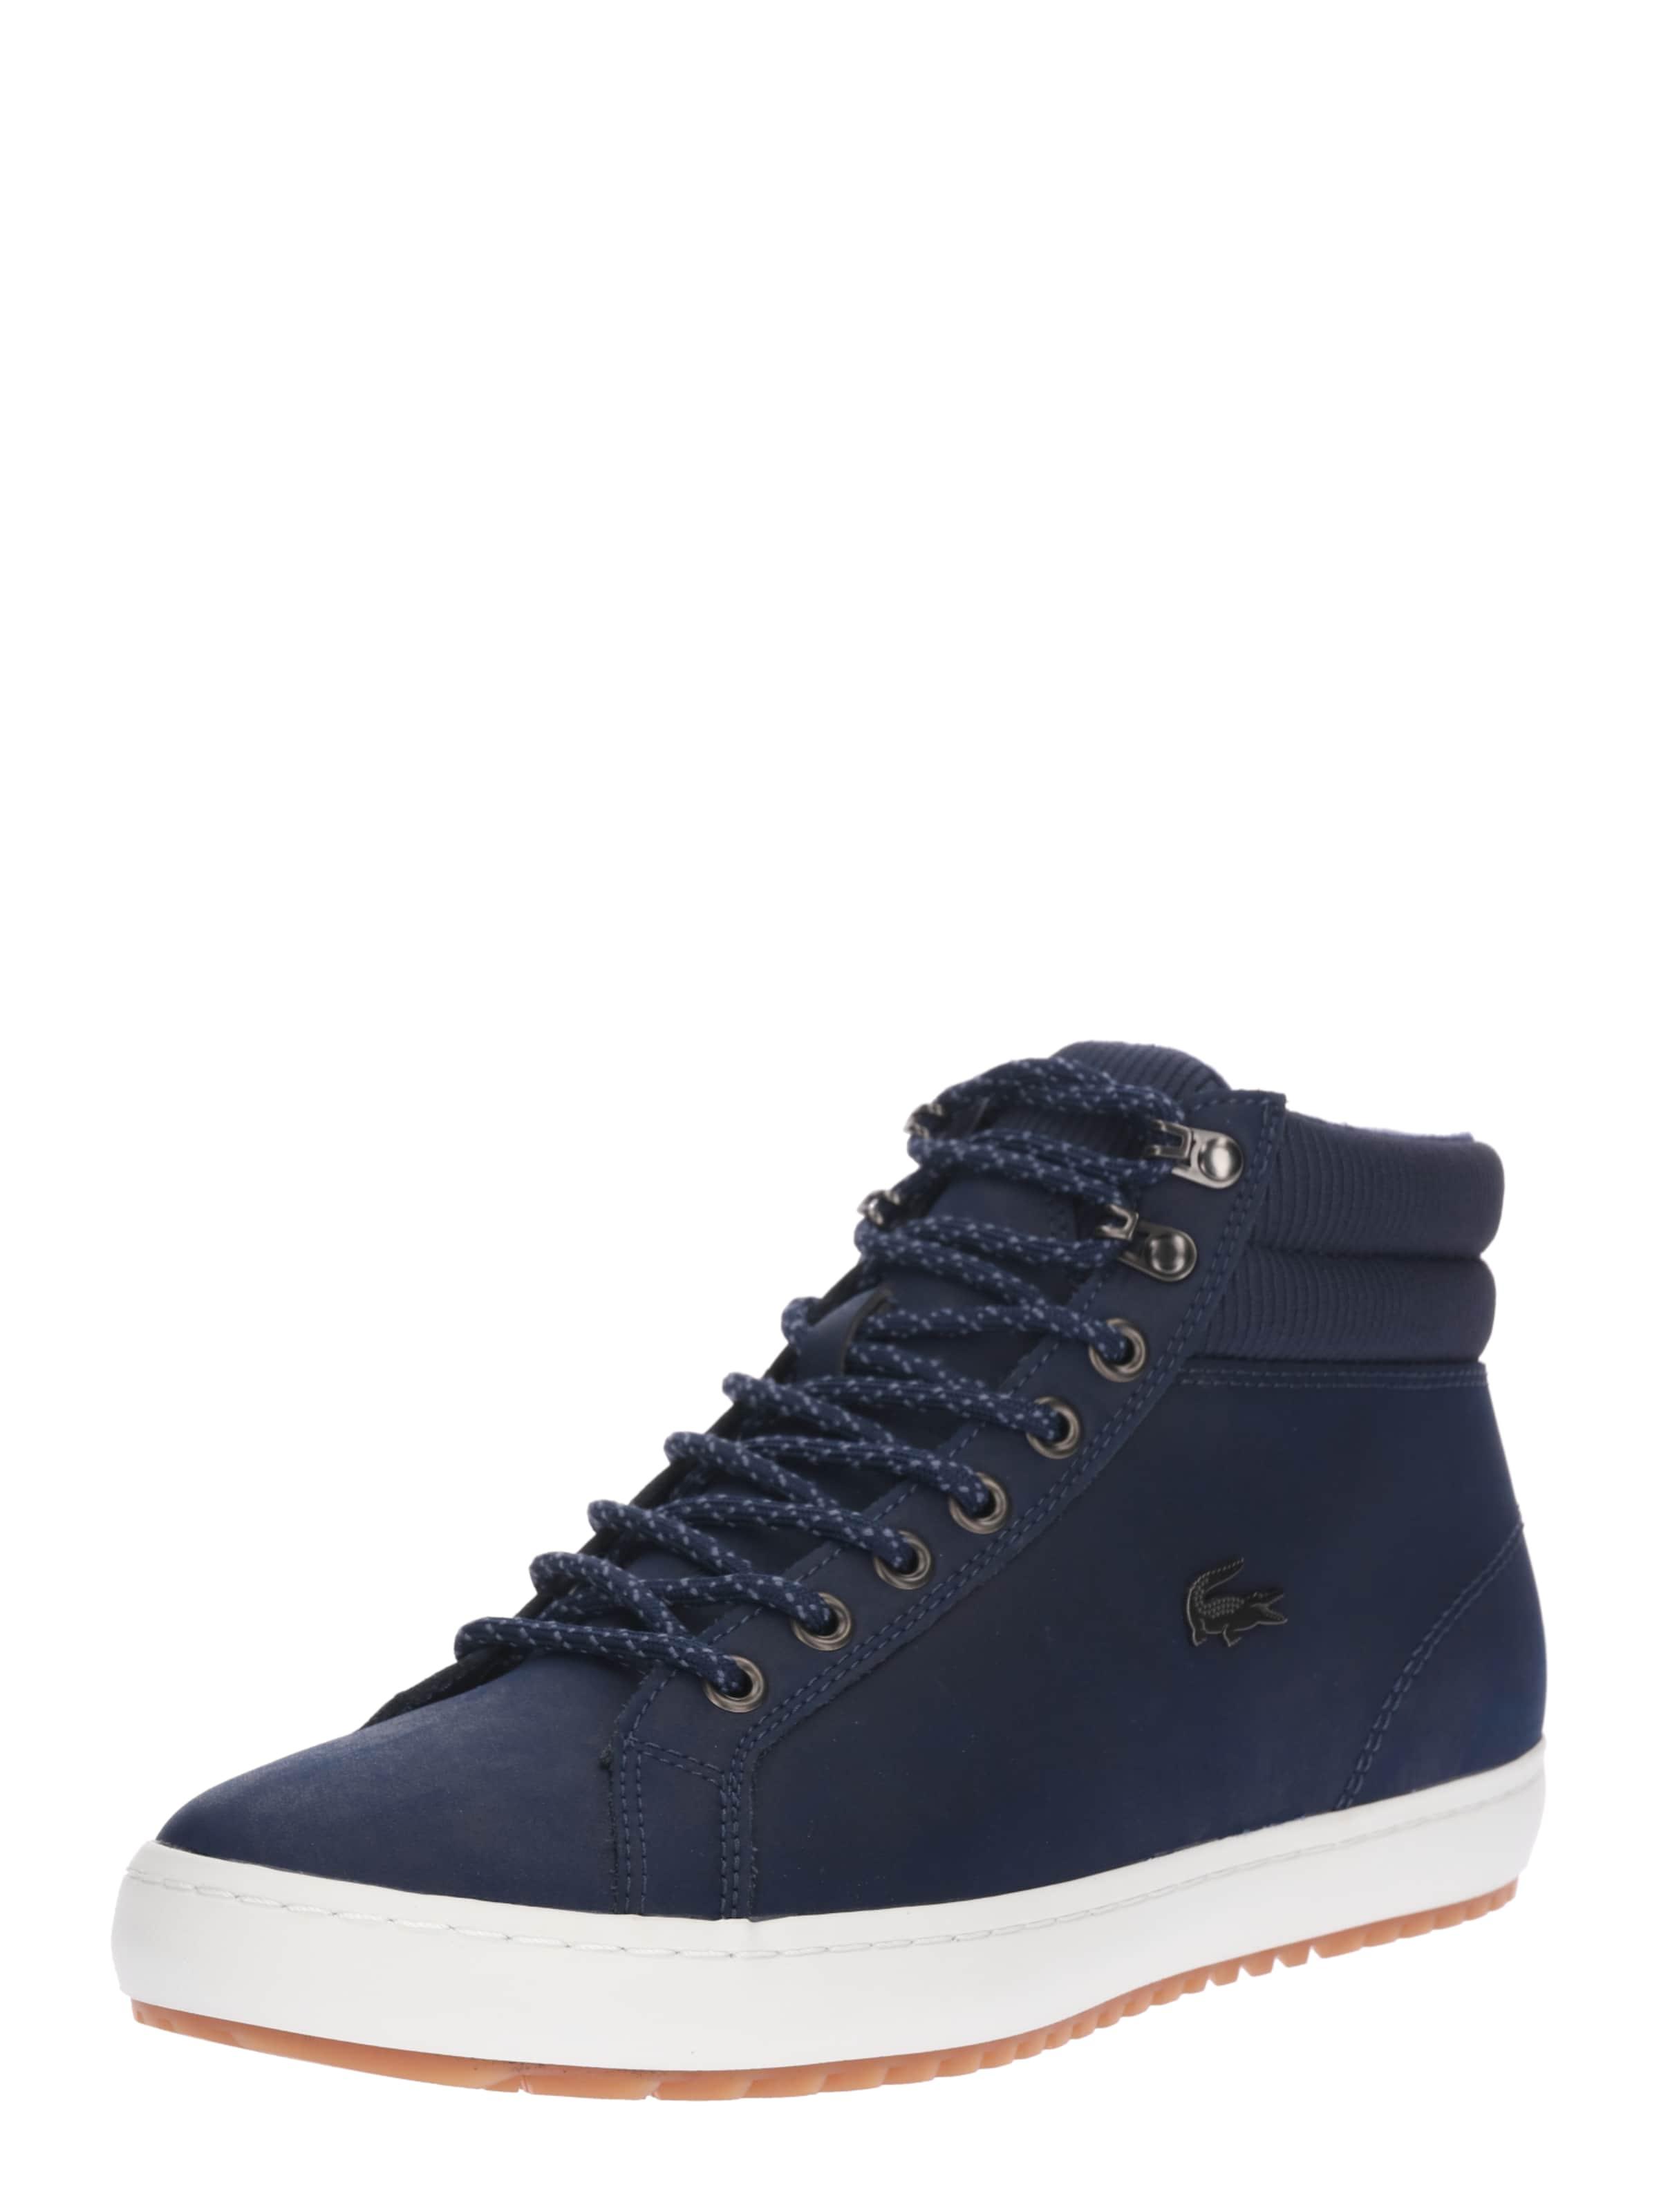 LACOSTE Sneaker High STRAIGHTSET Verschleißfeste billige Schuhe